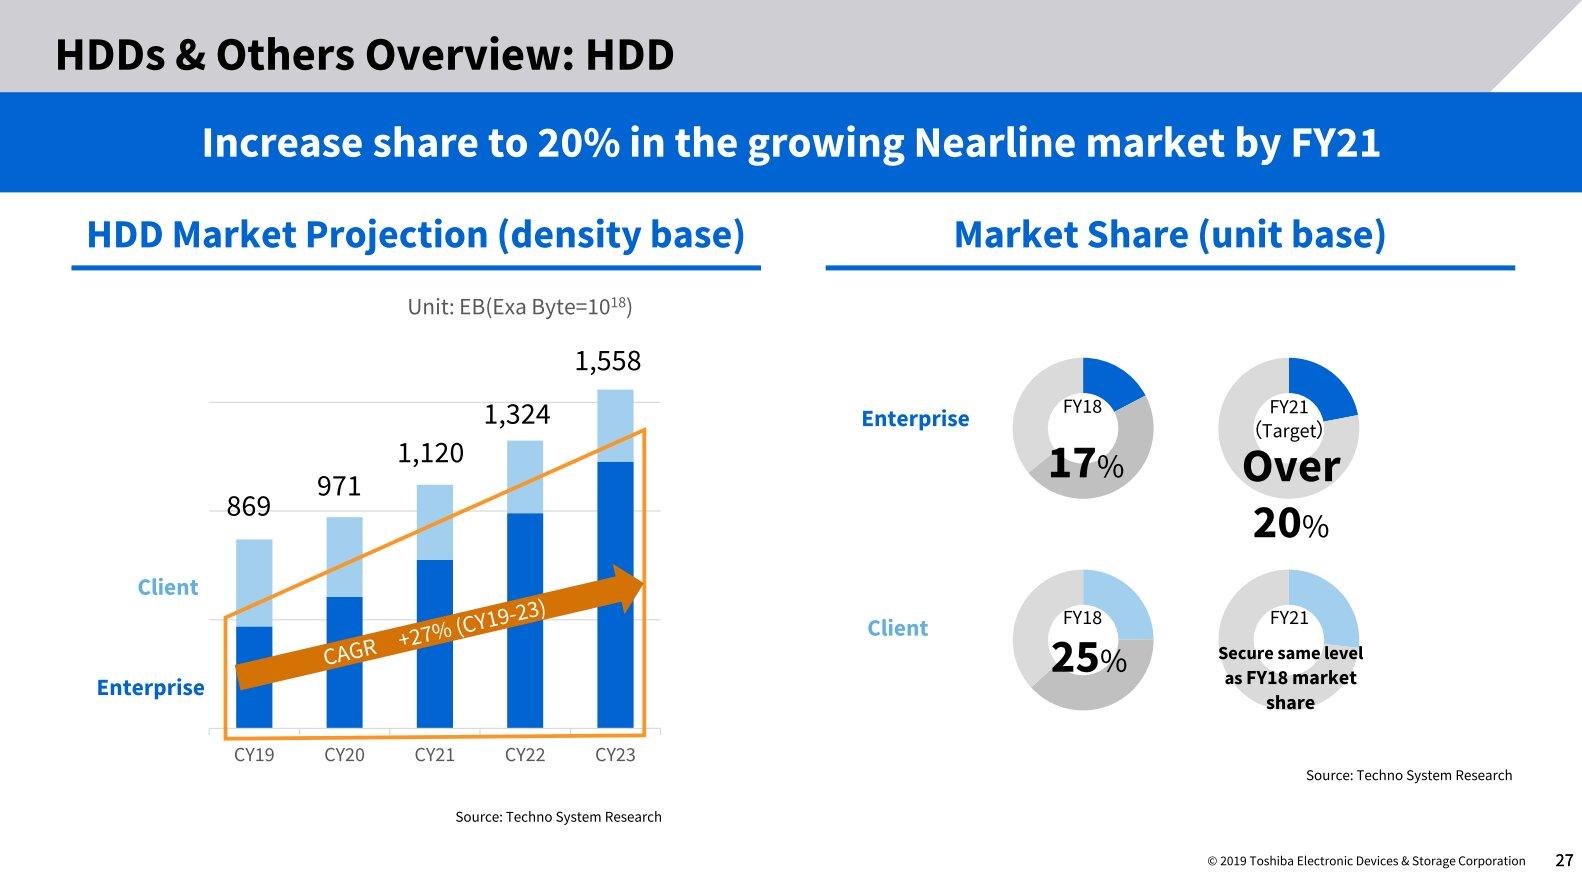 Prognosen für Wachstum bei Enterprise-HDDs